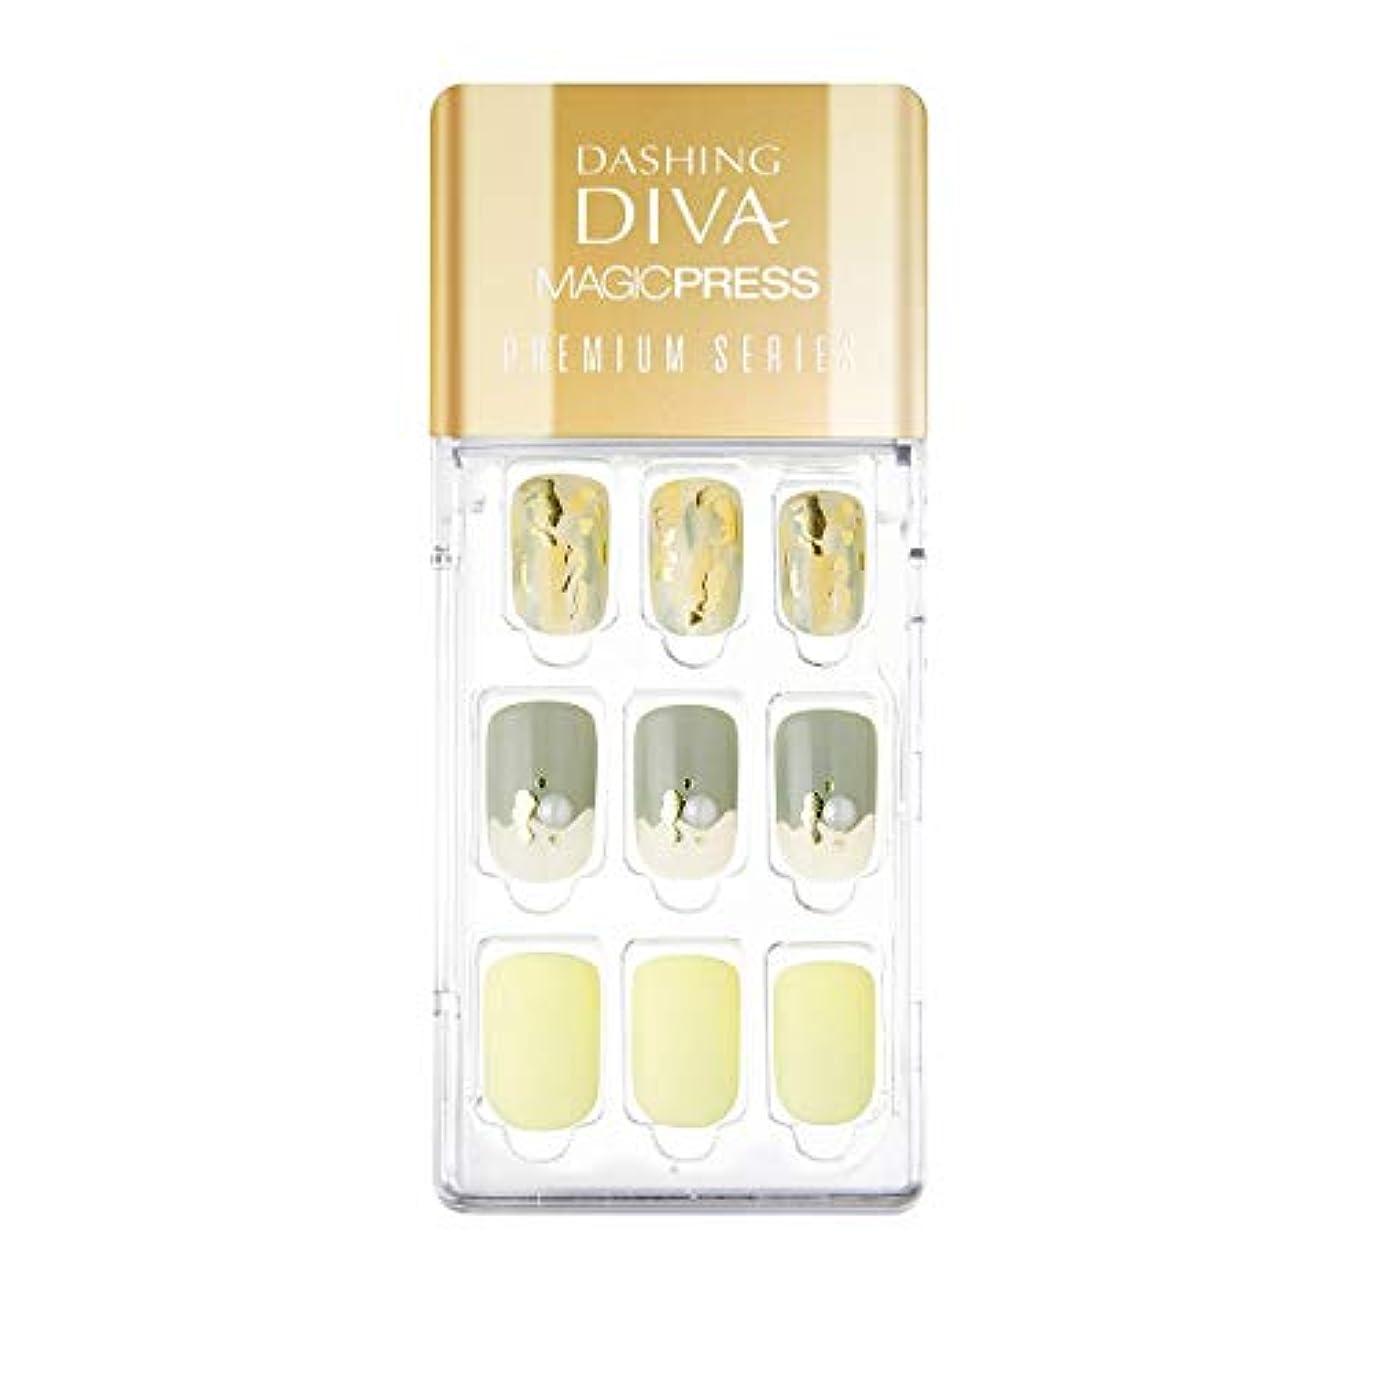 パターン束絶縁するダッシングディバ マジックプレス DASHING DIVA MagicPress MDR_327PR-DURY+ オリジナルジェル ネイルチップ Fresh Mint